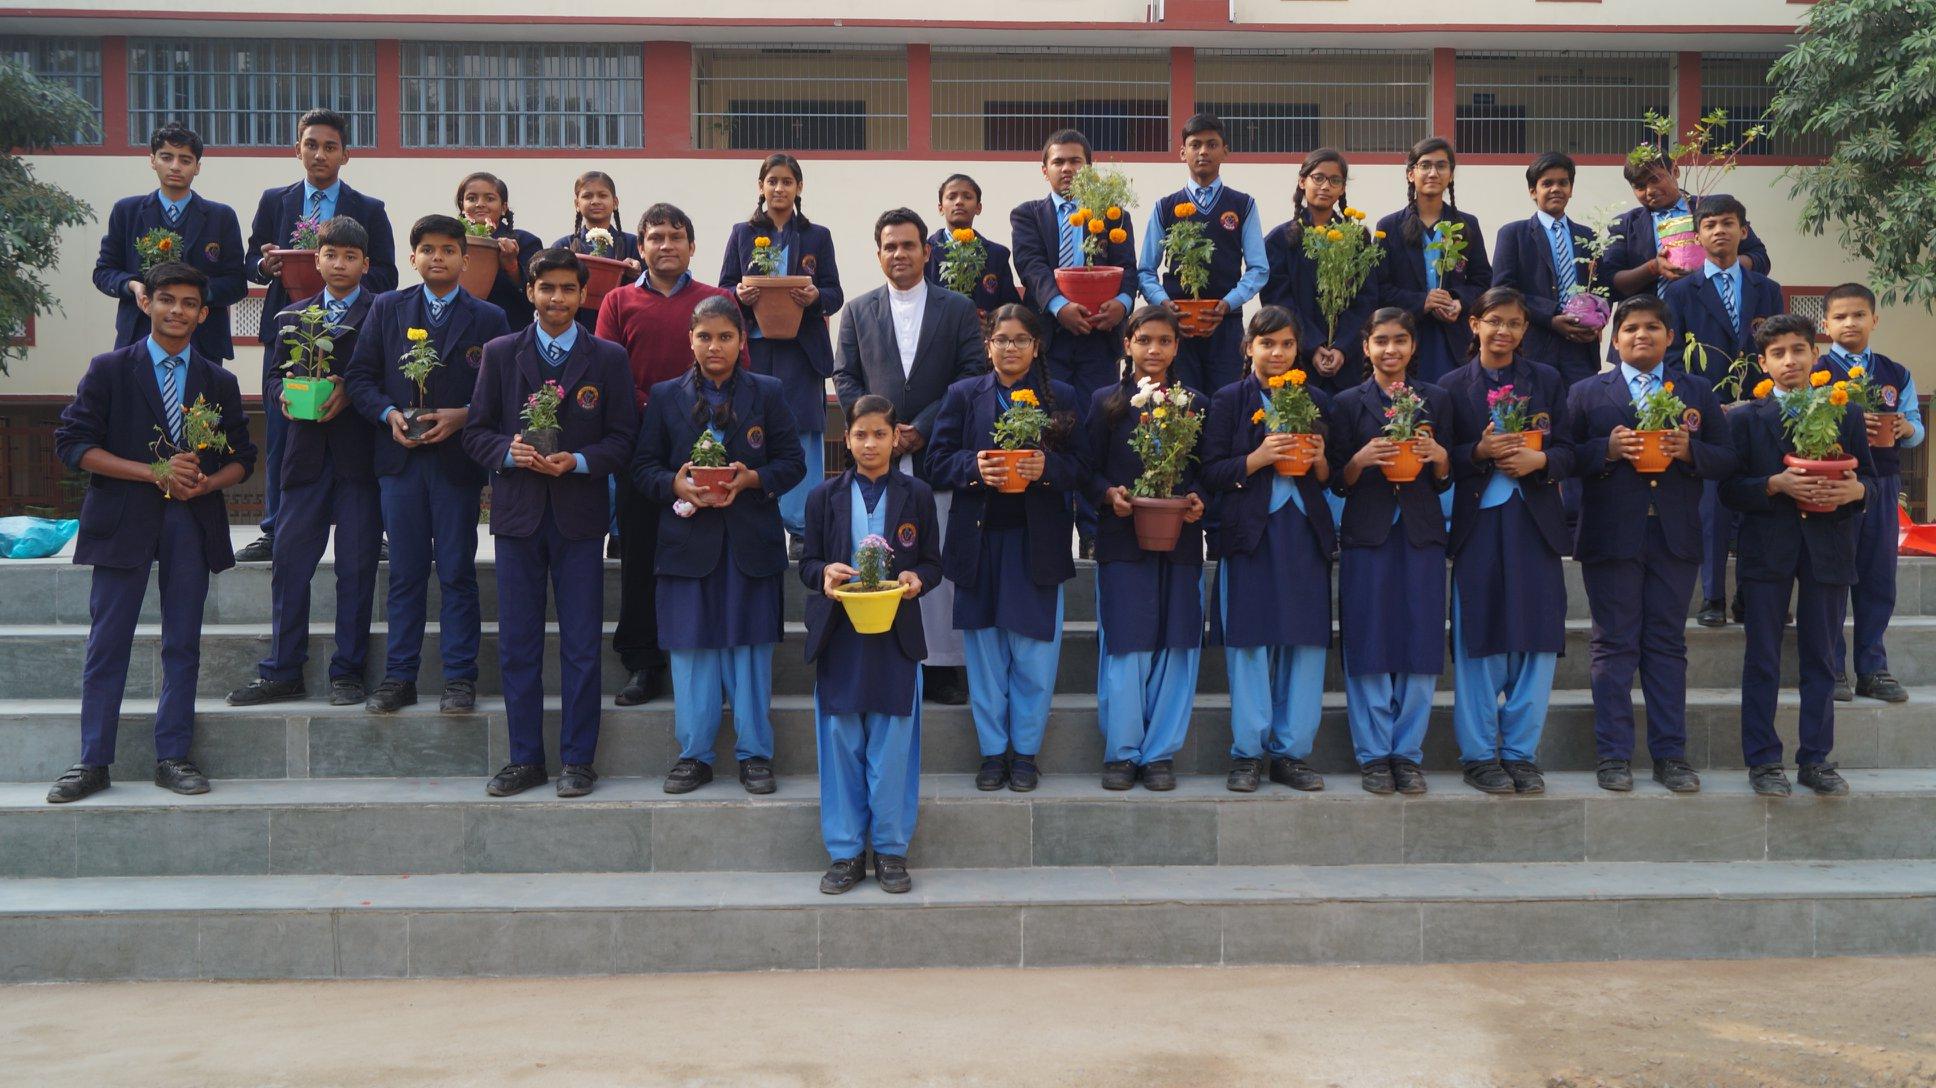 StThomasKanpur